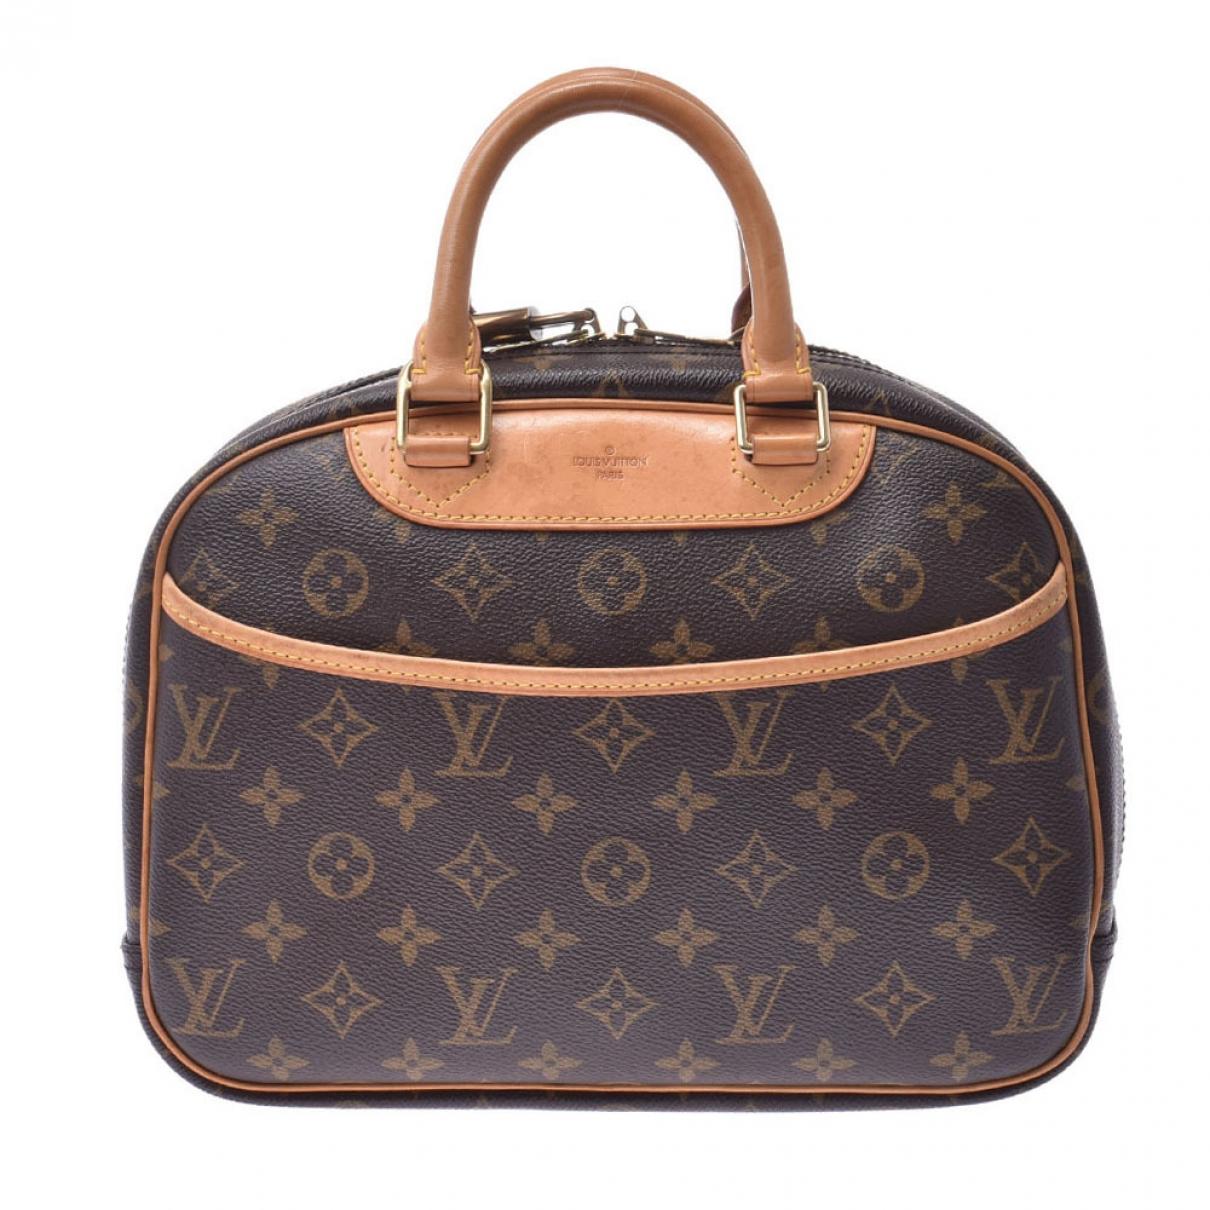 Louis Vuitton - Sac a main Trouville pour femme en toile - marron